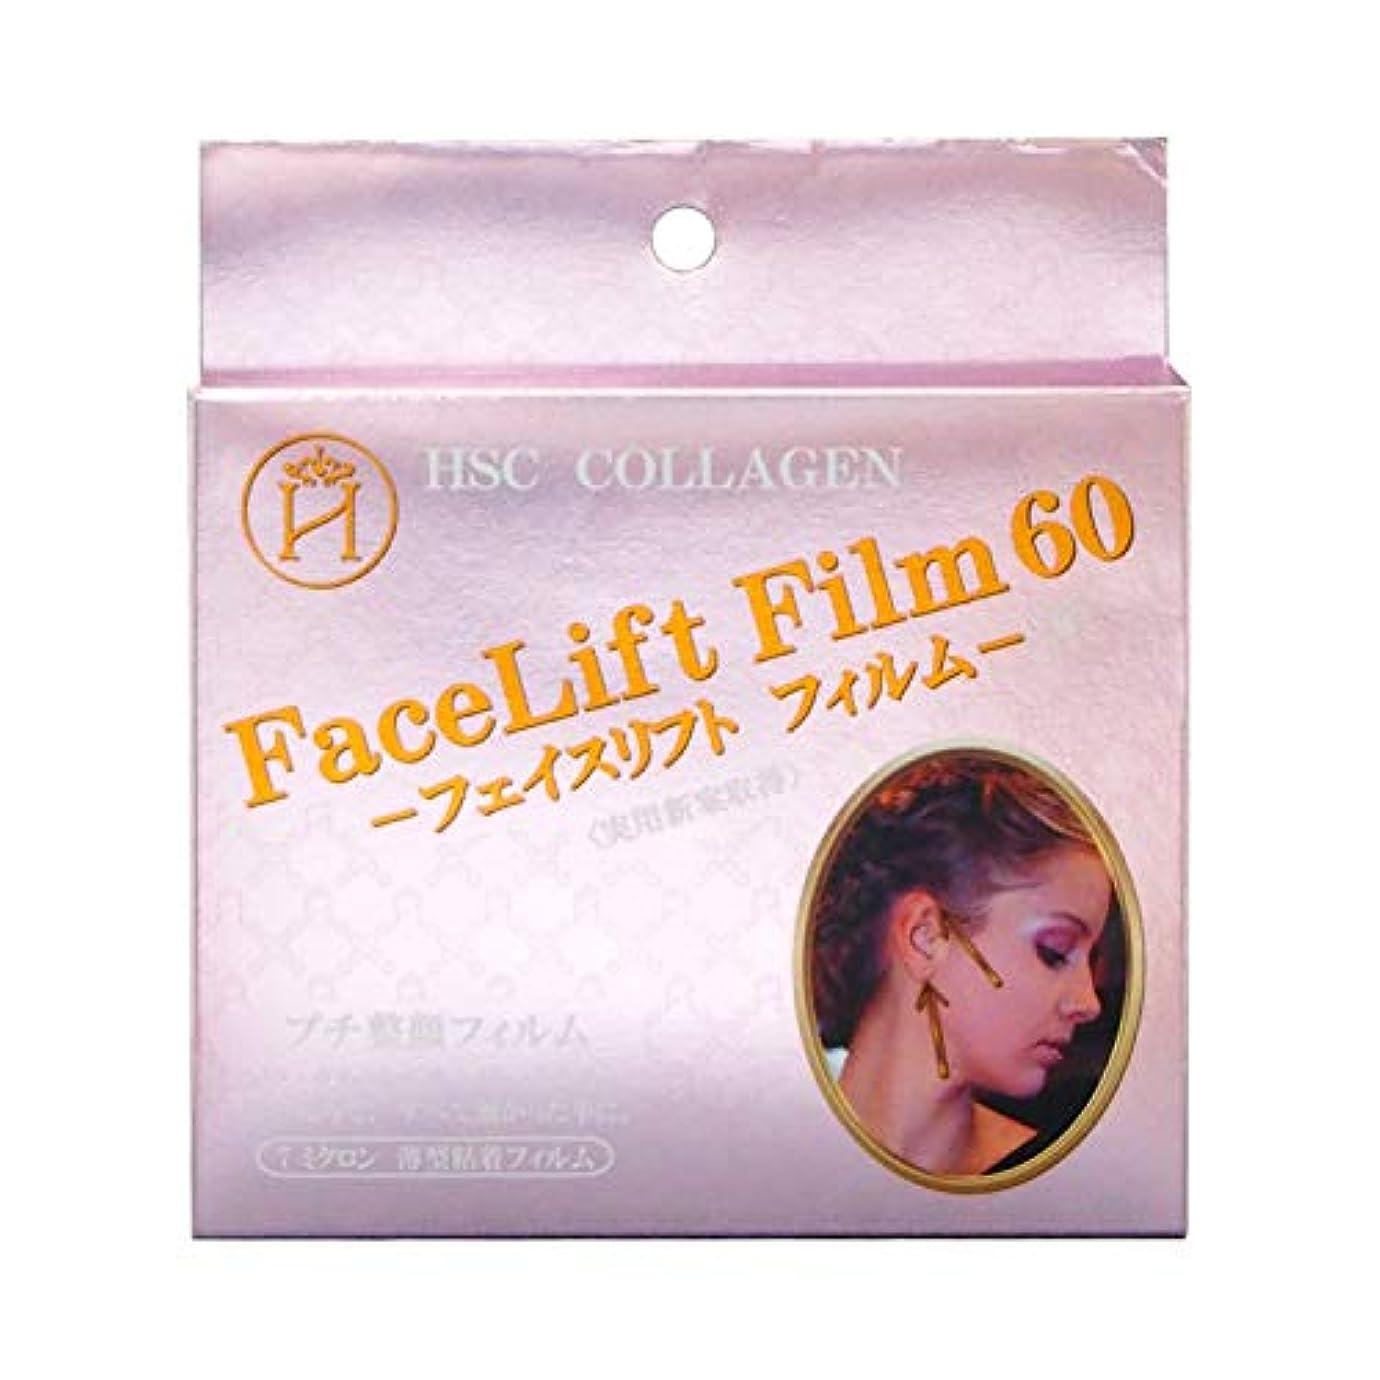 配当見積り以来フェイスリフトフィルム60 たるみ テープ 引き上げ 透明 目立たない フェイスライン